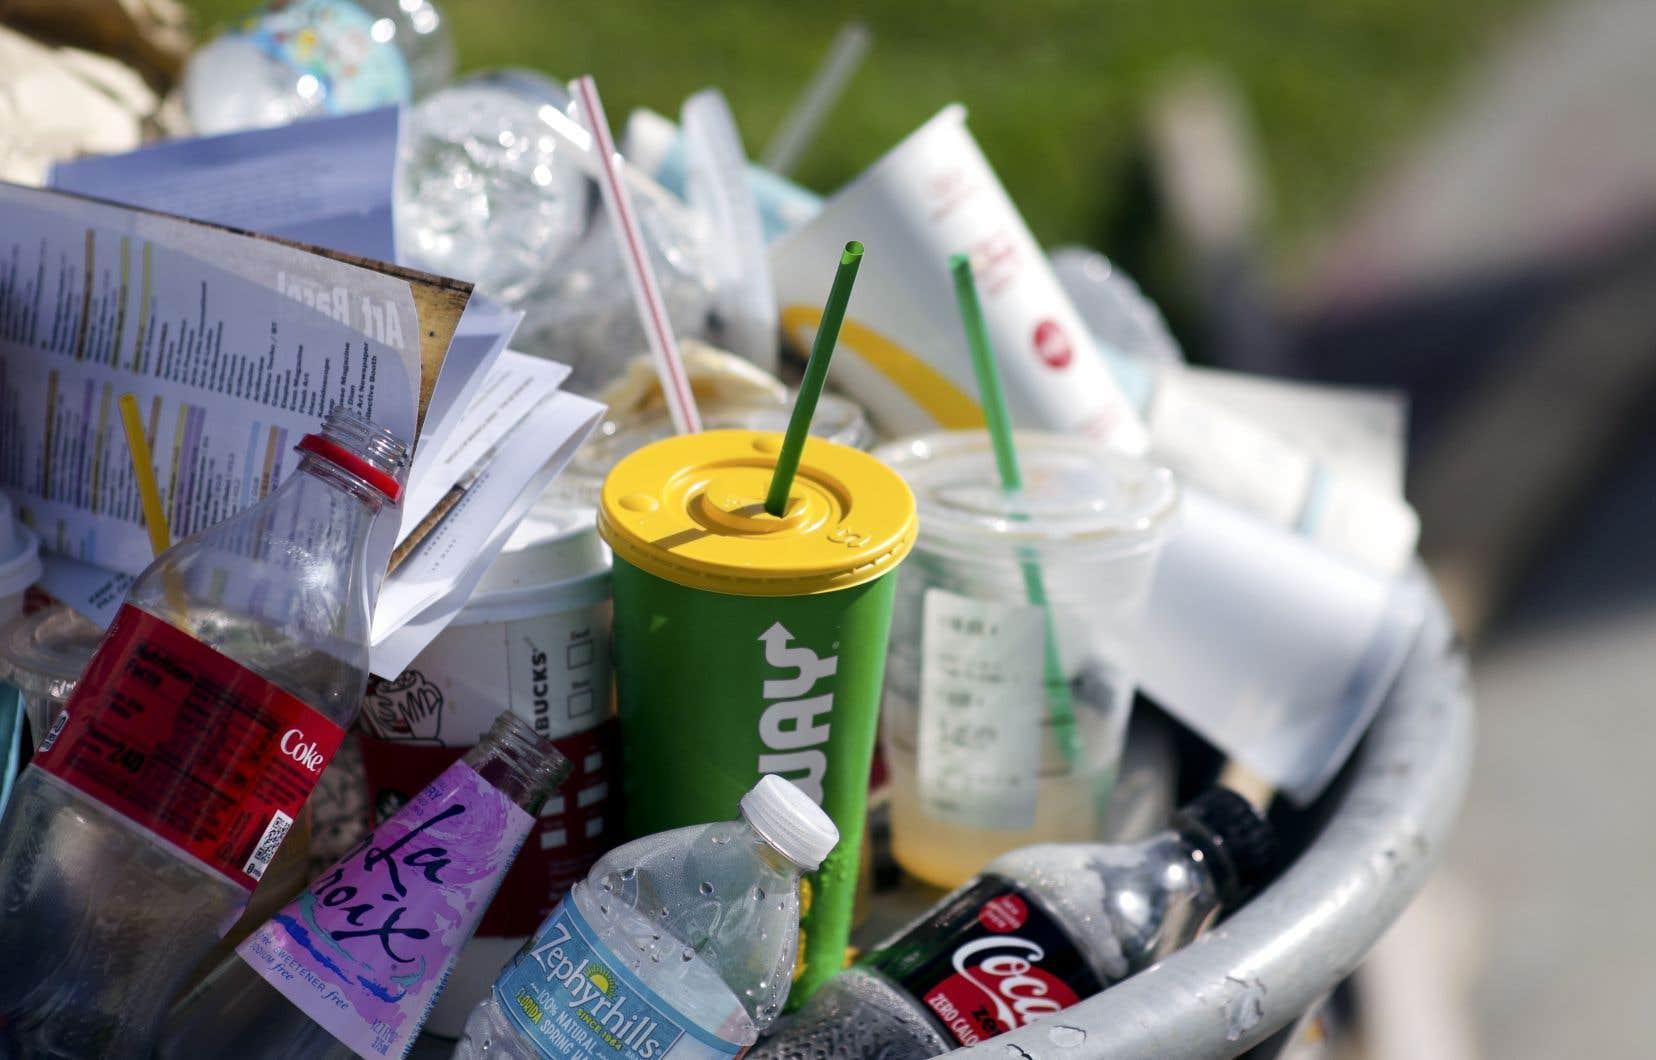 Les sacs en plastique, pailles et tasses à usage unique figurent parmi la liste des produits que la Ville de Montréal entend bannir d'ici 2023.